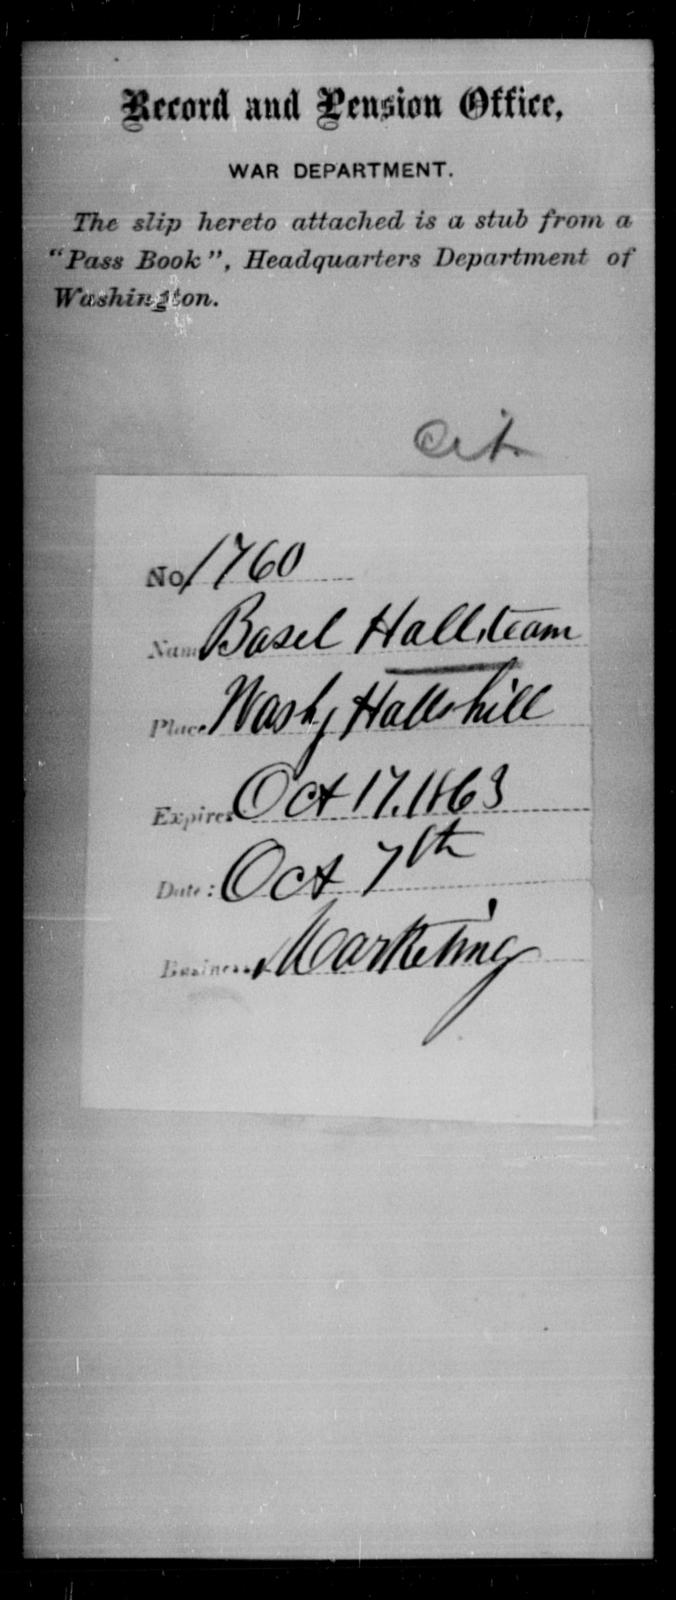 Hall, Basel - State: Washington - Year: 1863